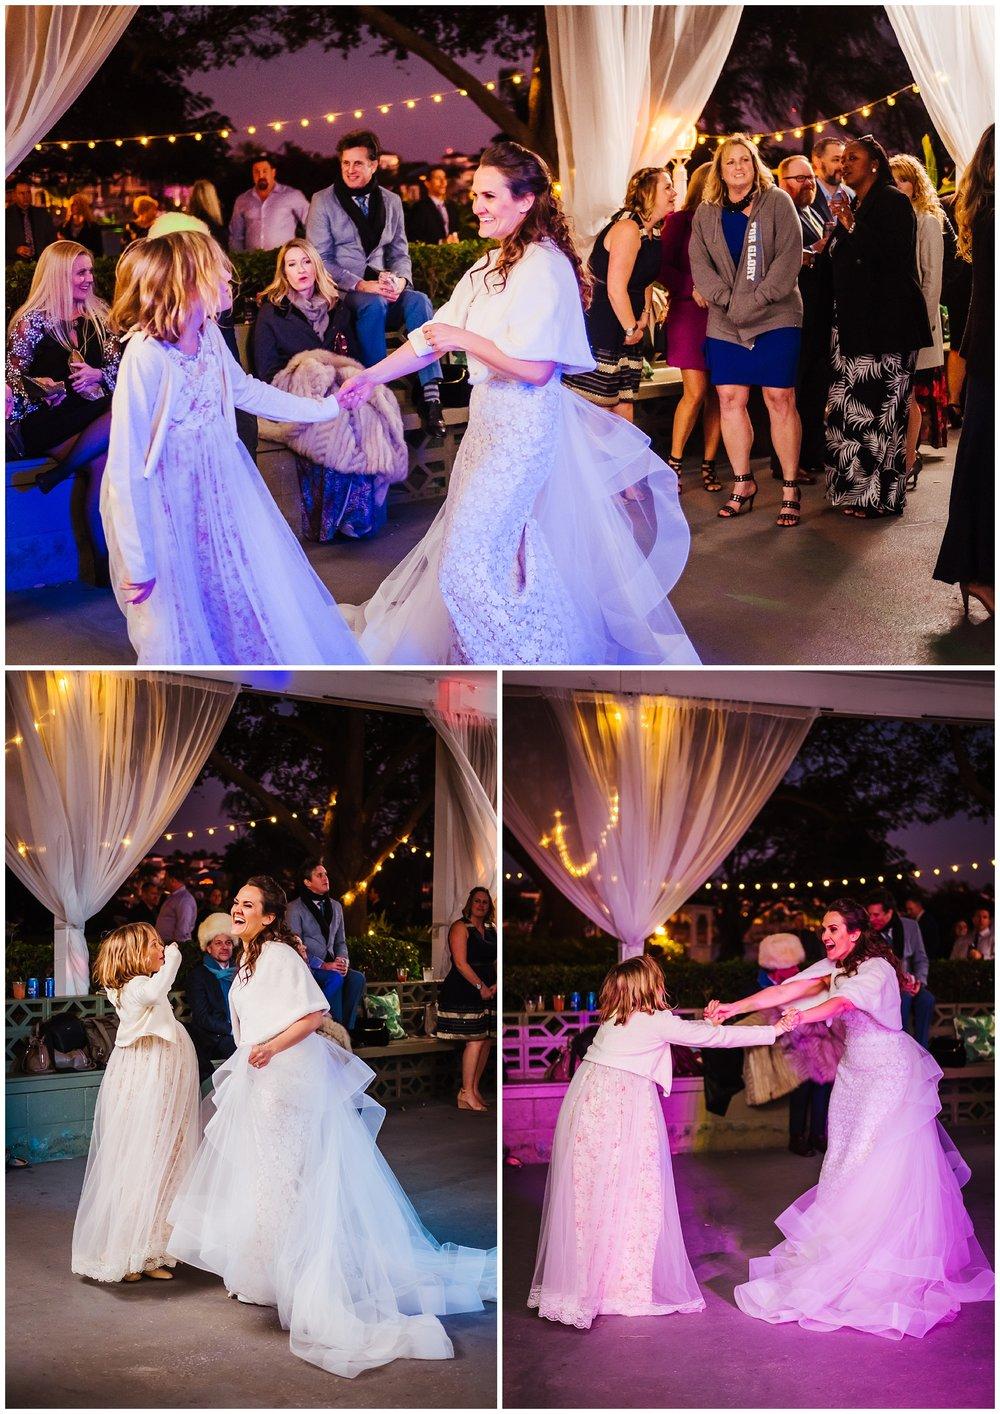 tampa-wedding-photographer-davis-island-flamingo-garden-alexander-mcqueen-non-traditional_0065.jpg